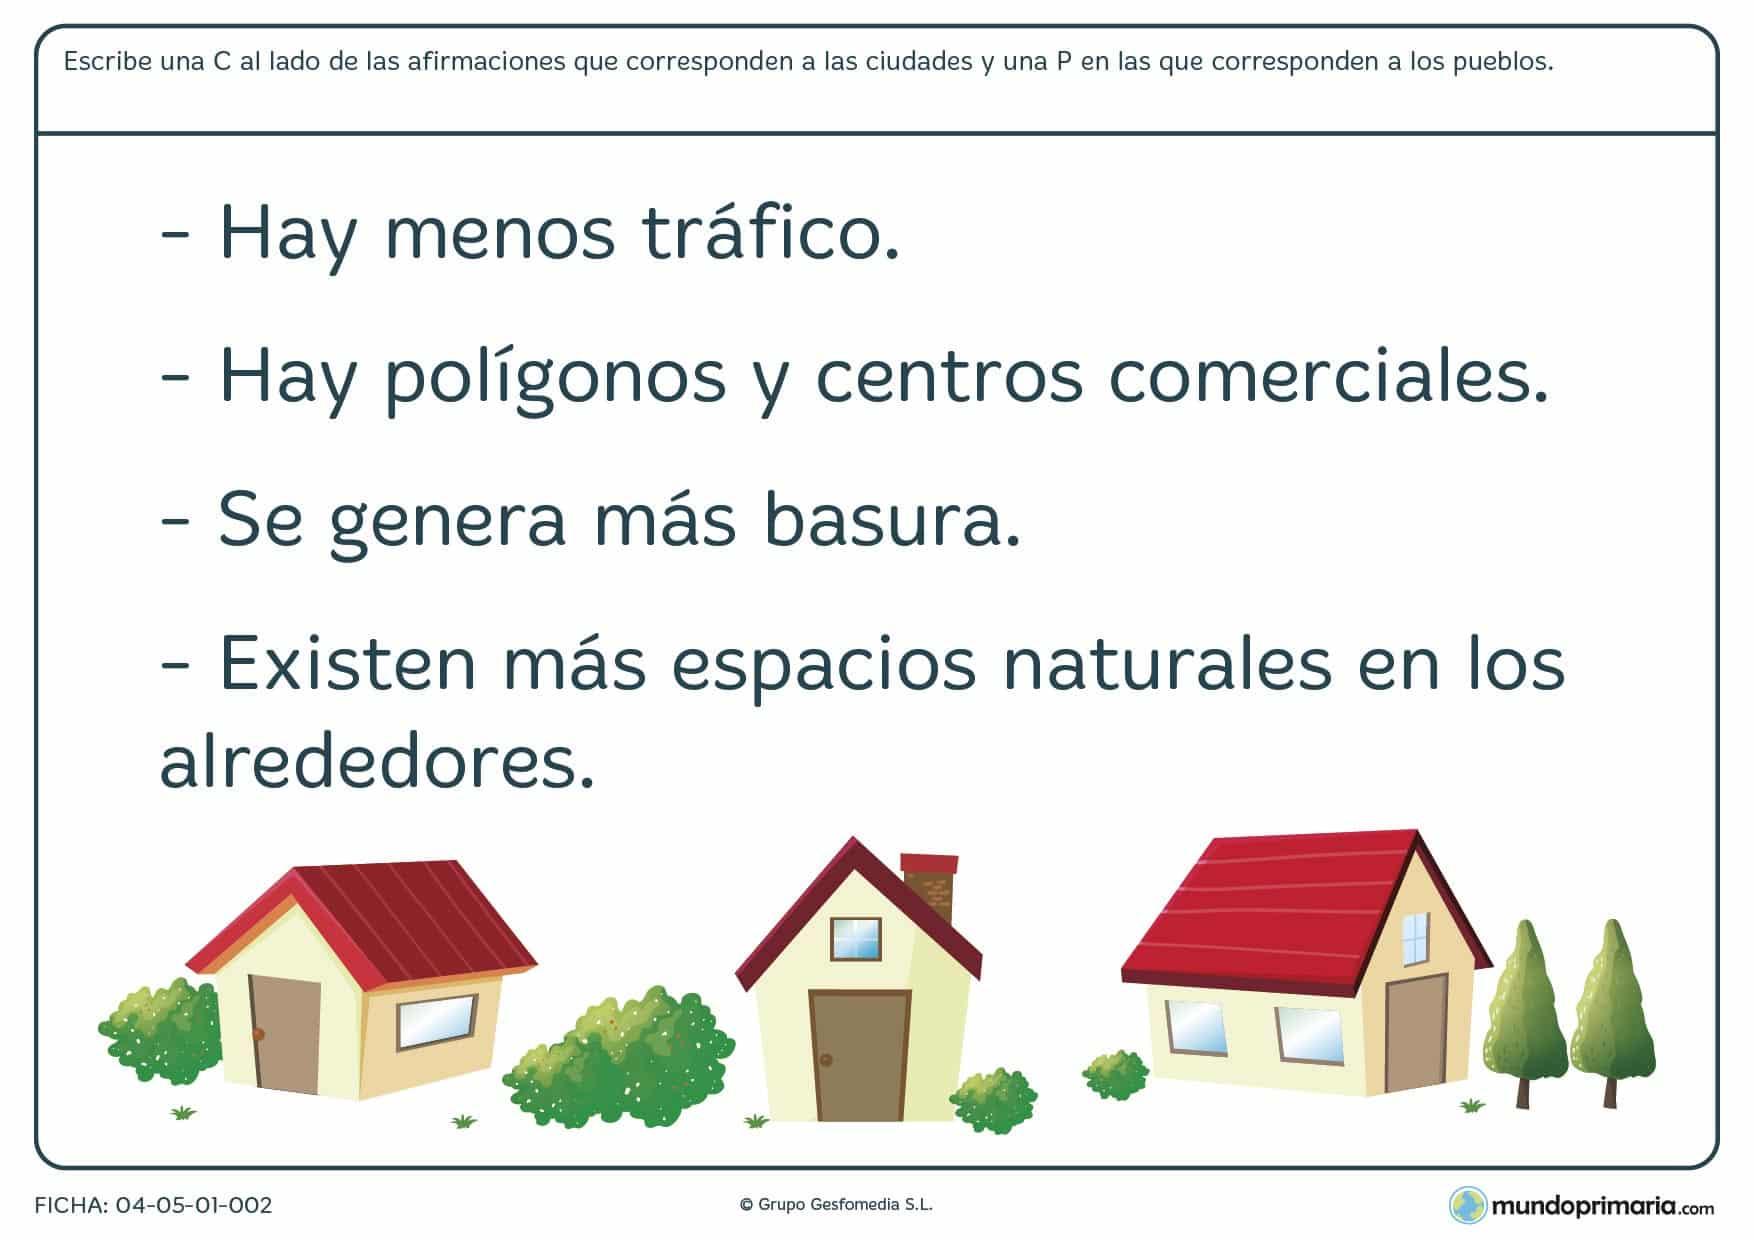 Ficha de pueblos y ciudades en la que has de distinguir las definiciones relaccionadas con las ciudades de las de los pueblos.